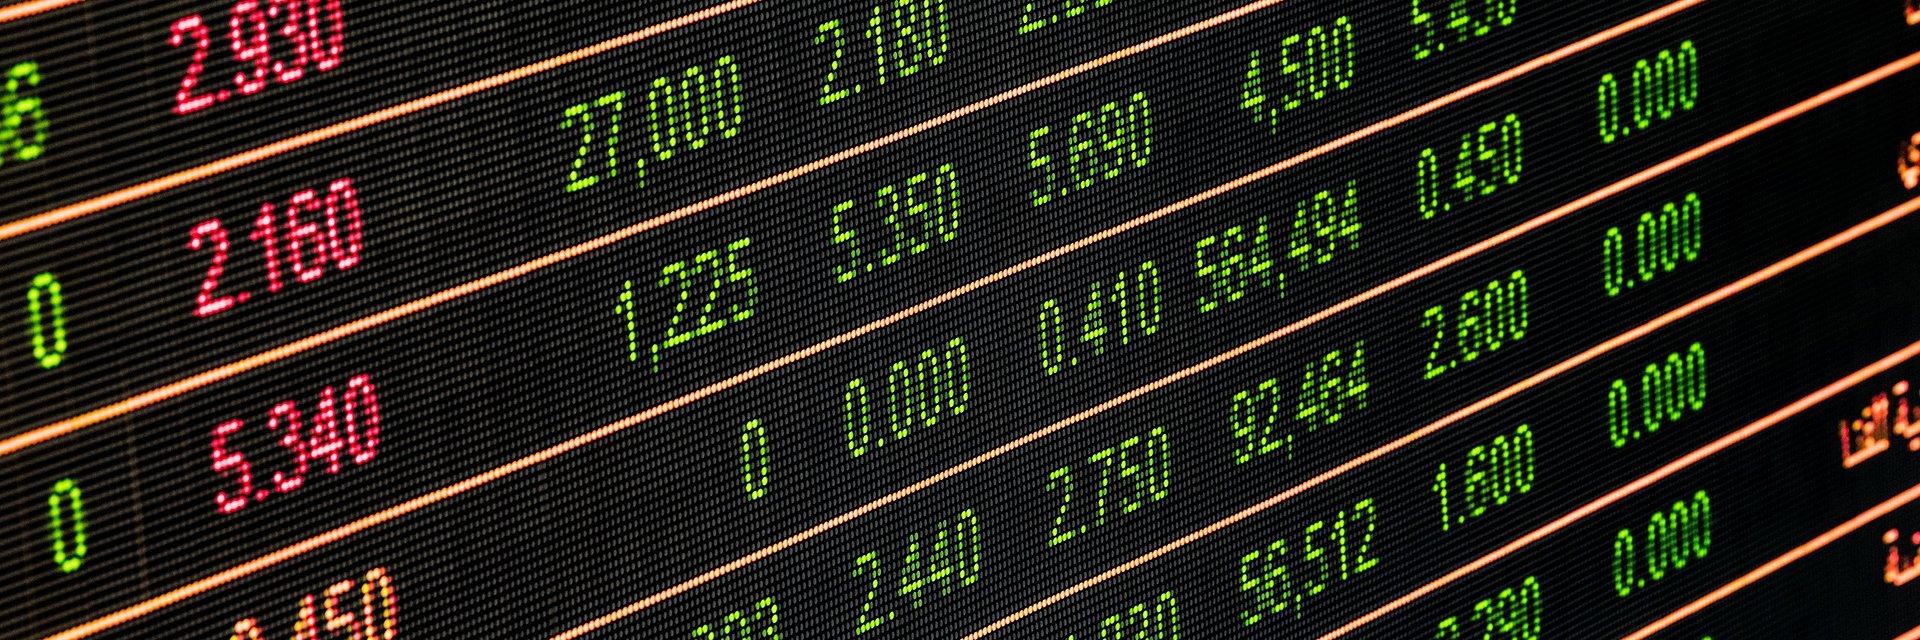 Raport: Trendy w bankowości na 2021 rok